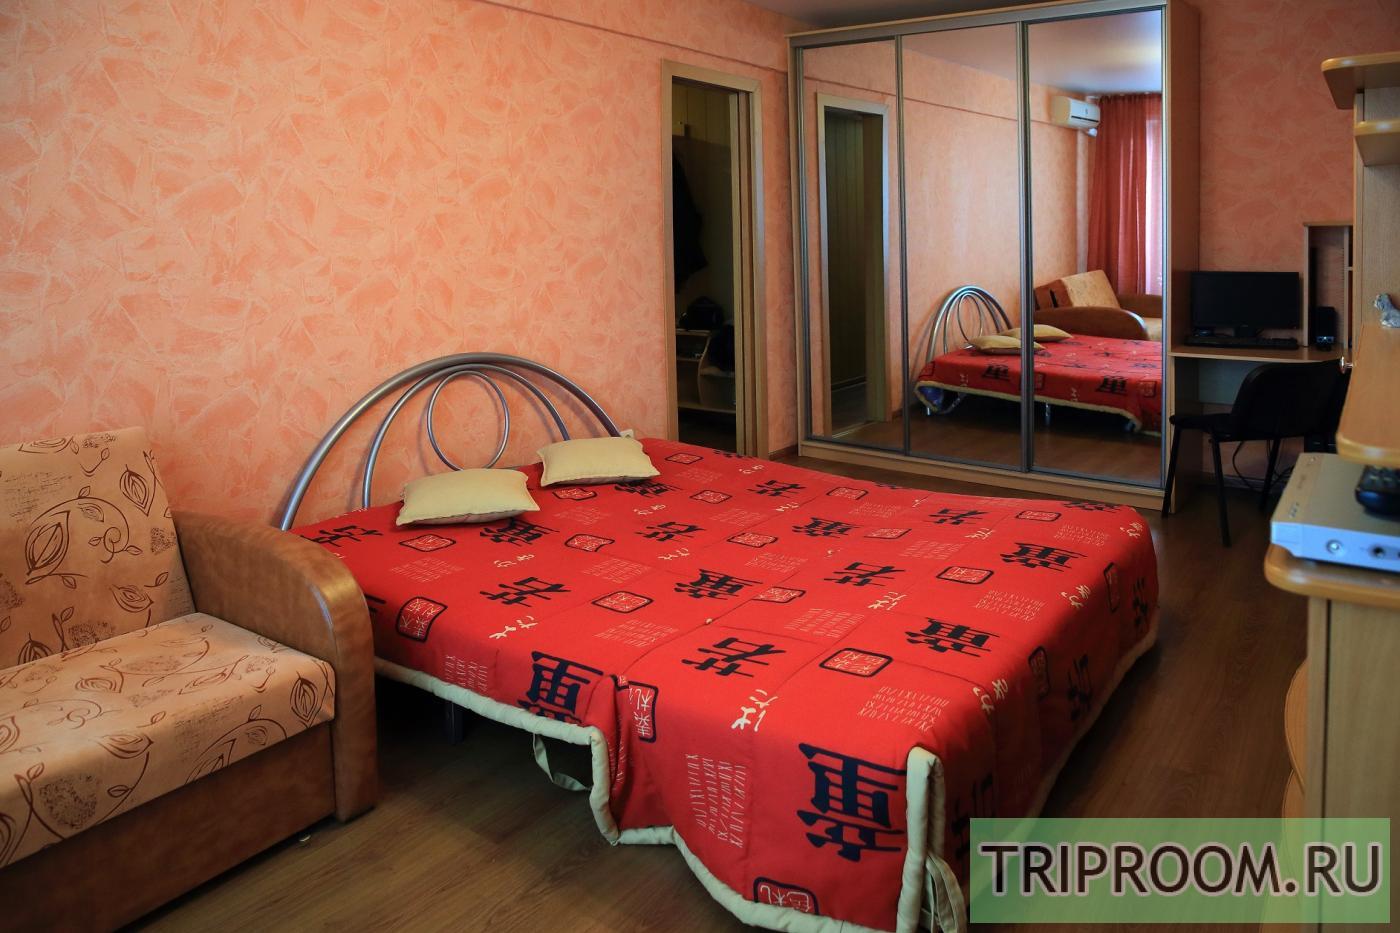 1-комнатная квартира посуточно (вариант № 17614), ул. Авиационный переулок, фото № 2